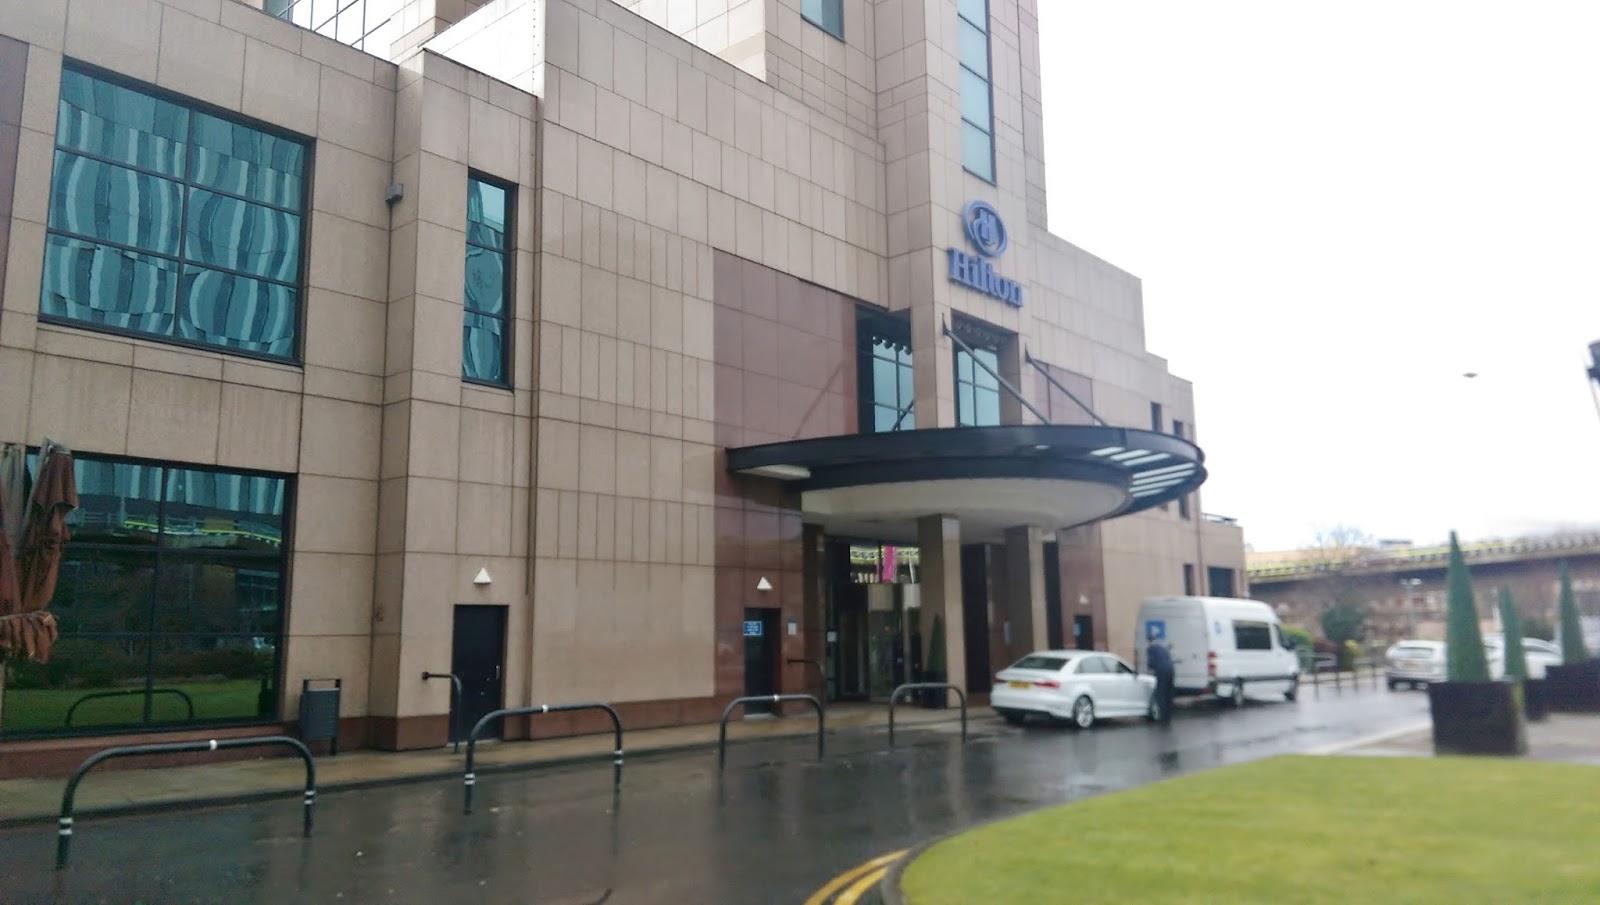 Hilton Glasgow Exterior